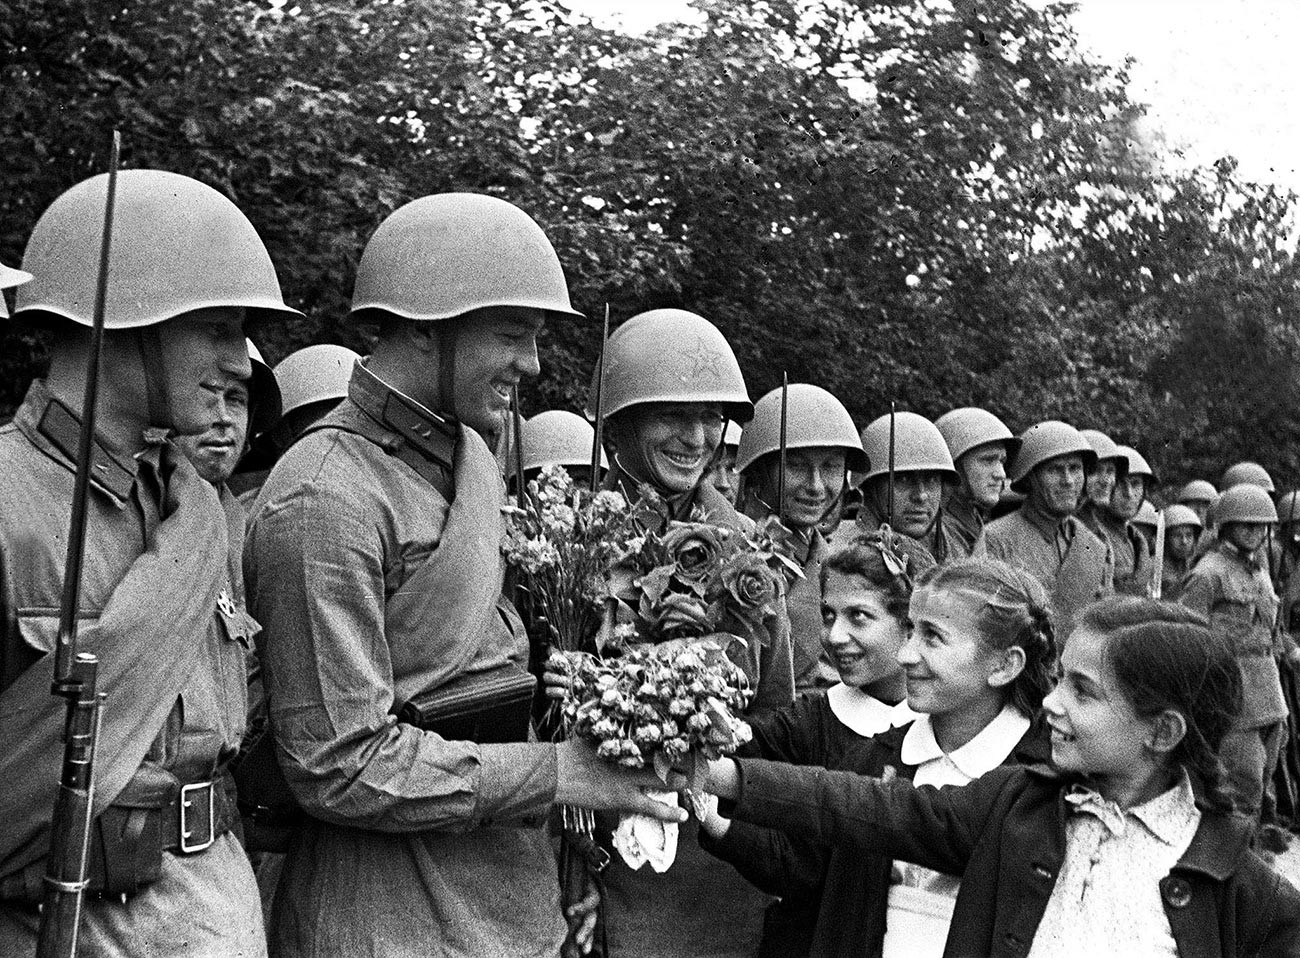 Tentara Tentara Merah disambut oleh anak-anak selama parade militer saat pengaksesan Bessarabia dan Bukovina Utara ke Uni Soviet di Chisinau, 4 Juli 1940.